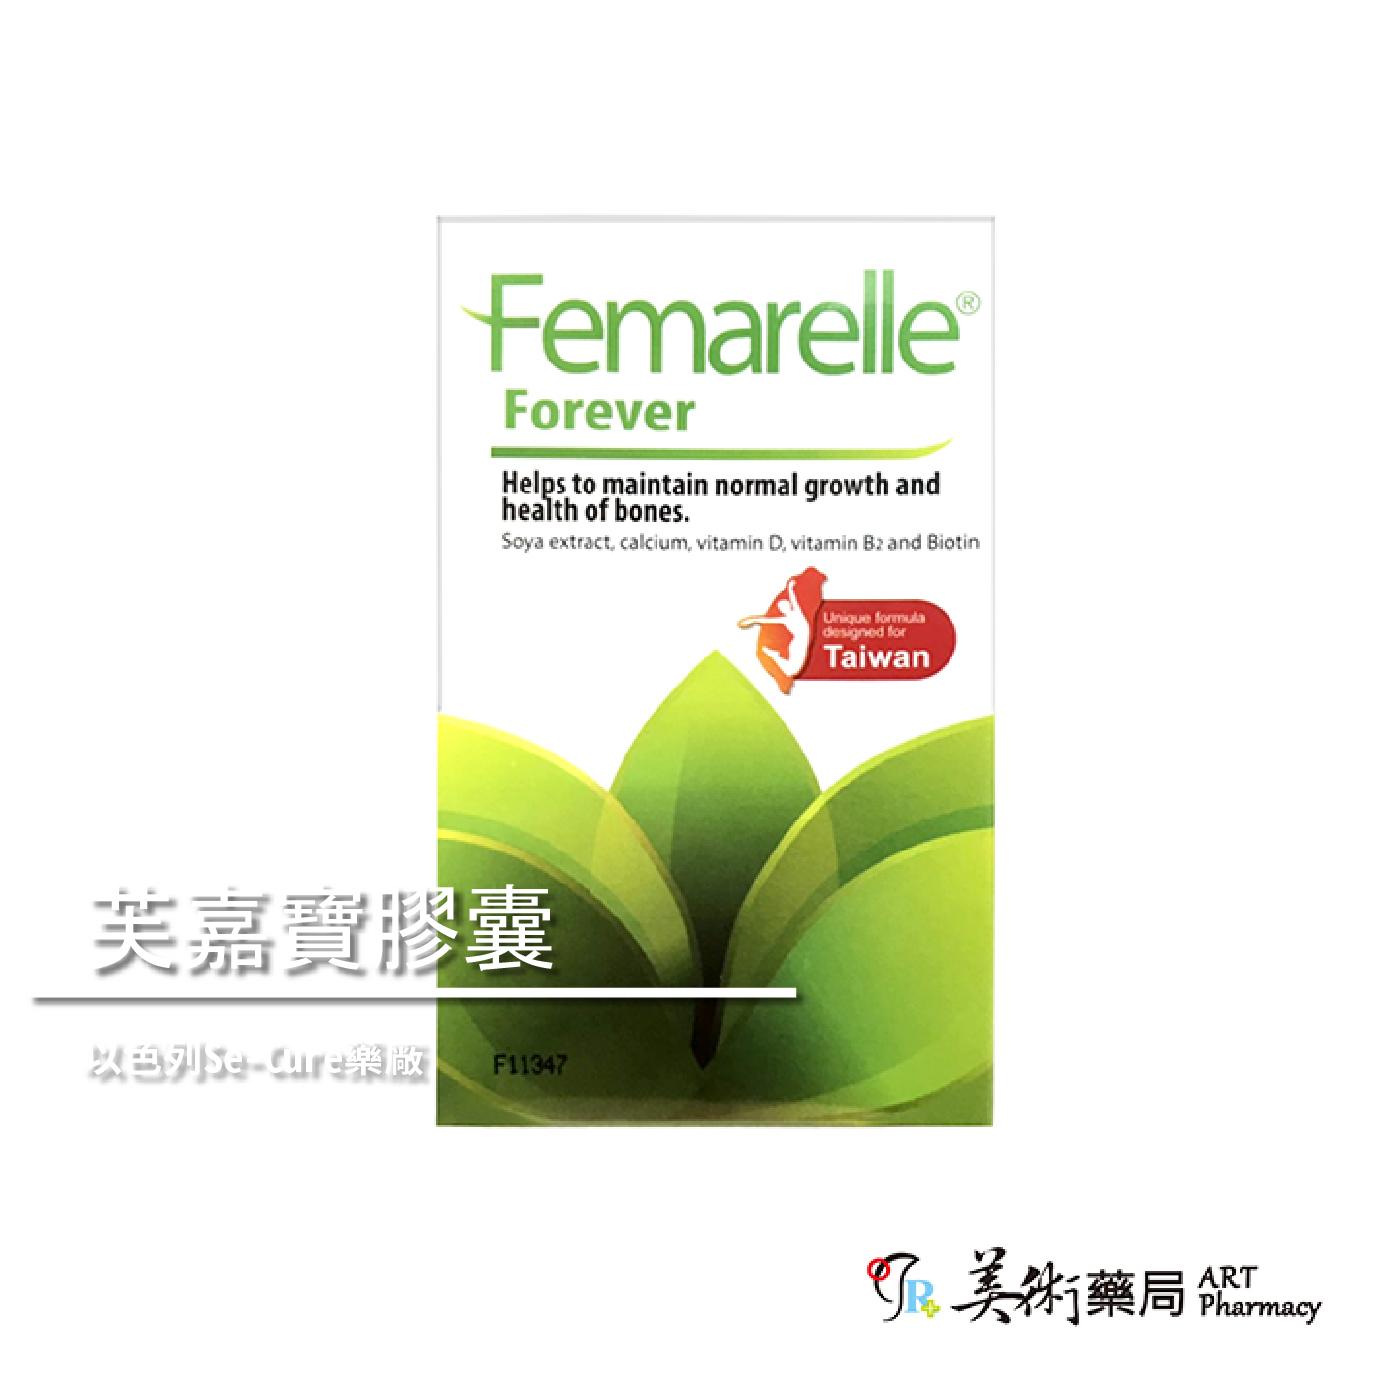 【美術藥局】Femarelle Forever 芙嘉寶膠囊/56顆/盒